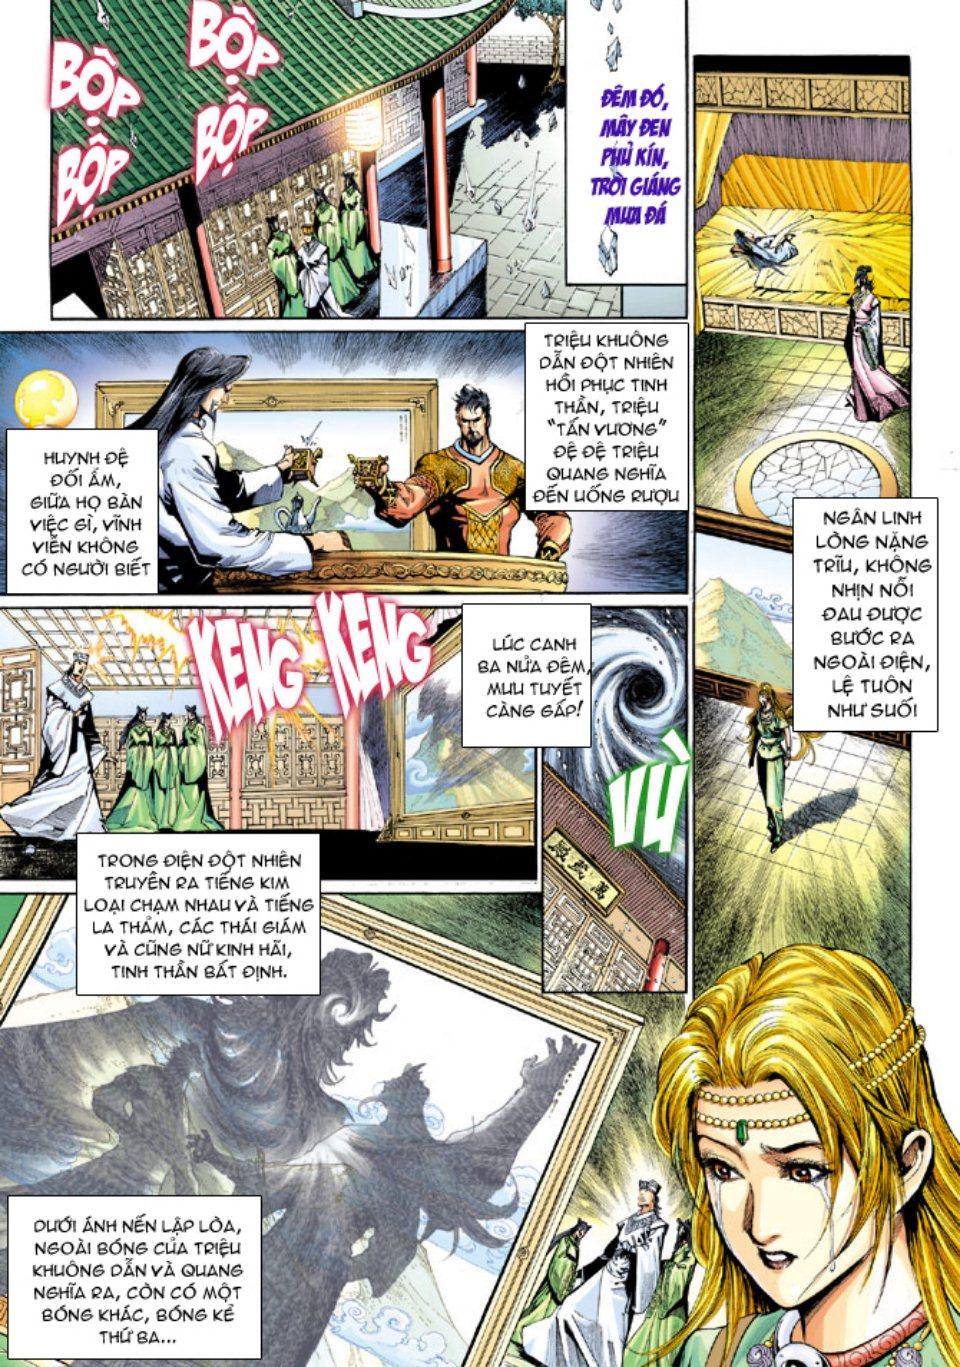 Thiên Tử Truyền Kỳ 5 – Như Lai Thần Chưởng chap 214 – End Trang 30 - Mangak.info